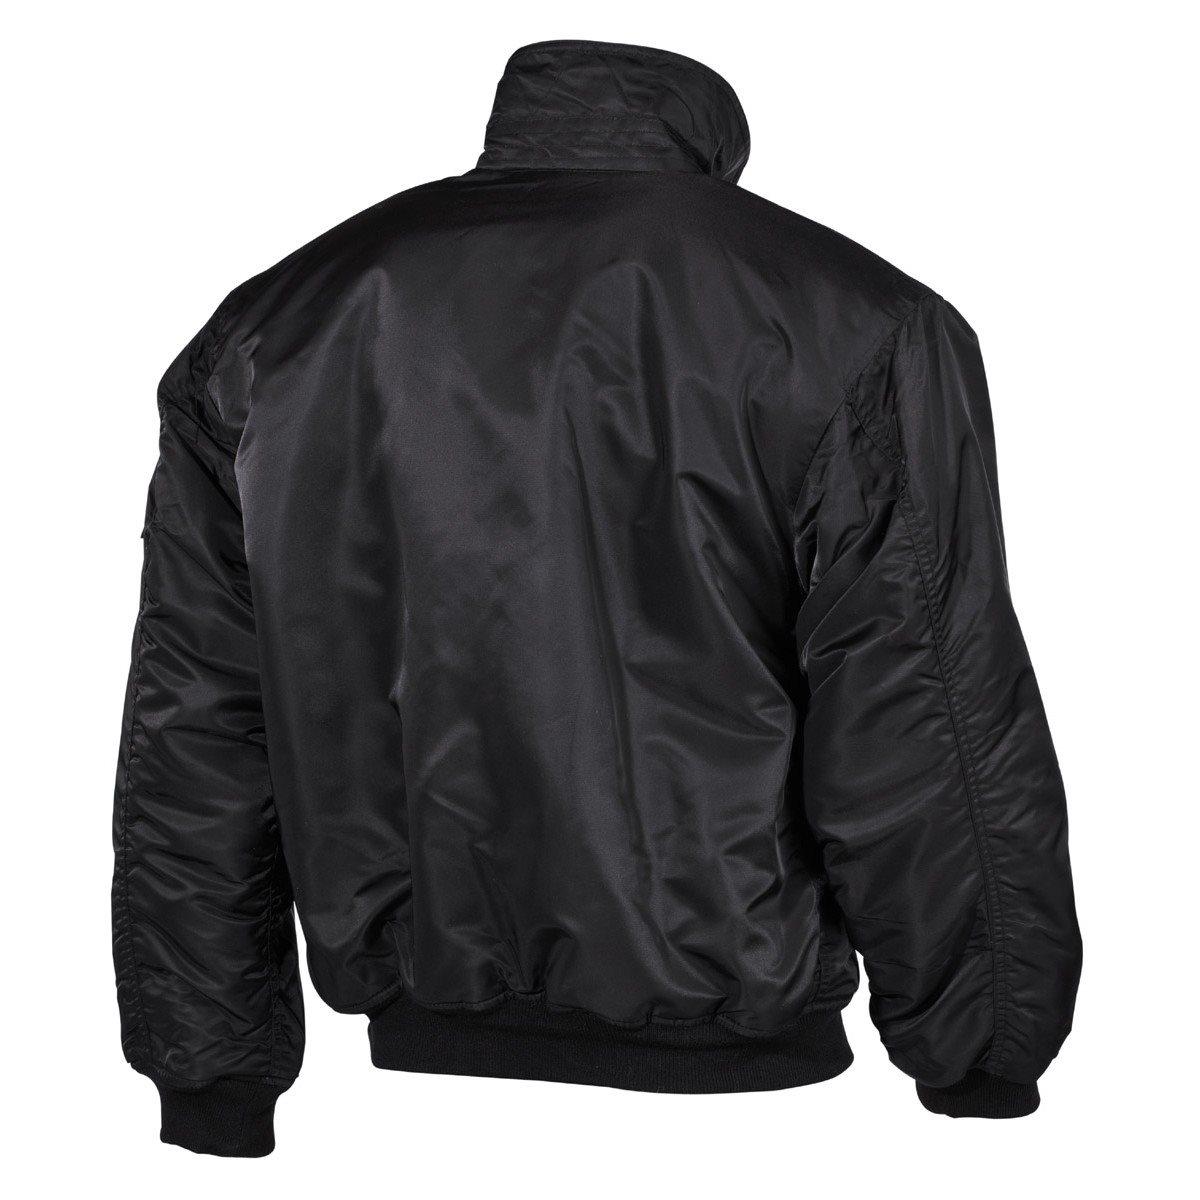 Jacket CWU BLACK MFH int. comp. 03752A L-11